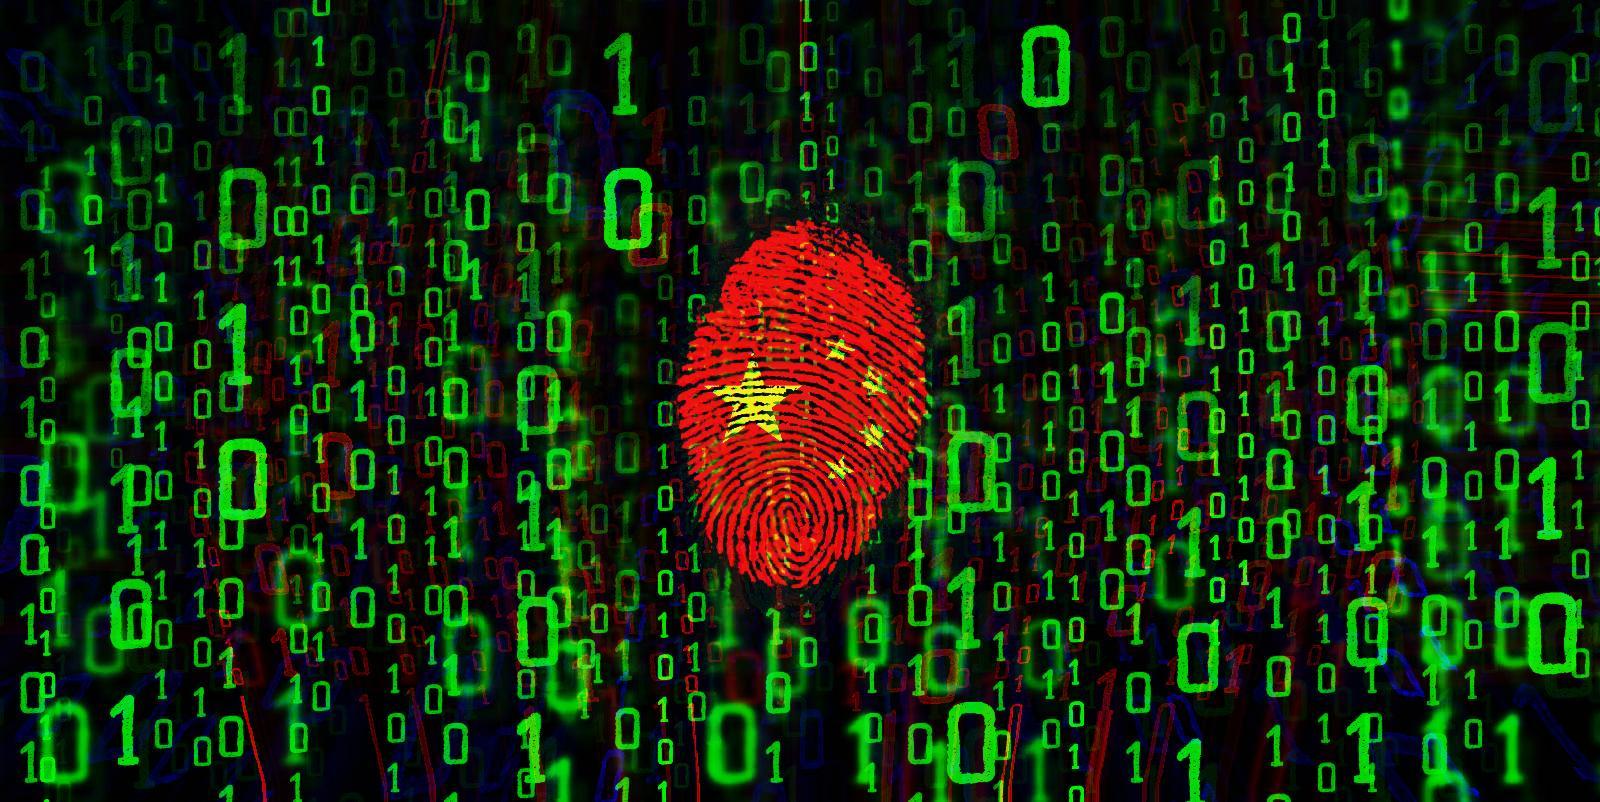 Los hackers de GhostEmperor utilizan el nuevo rootkit de Windows 10 en los ataques